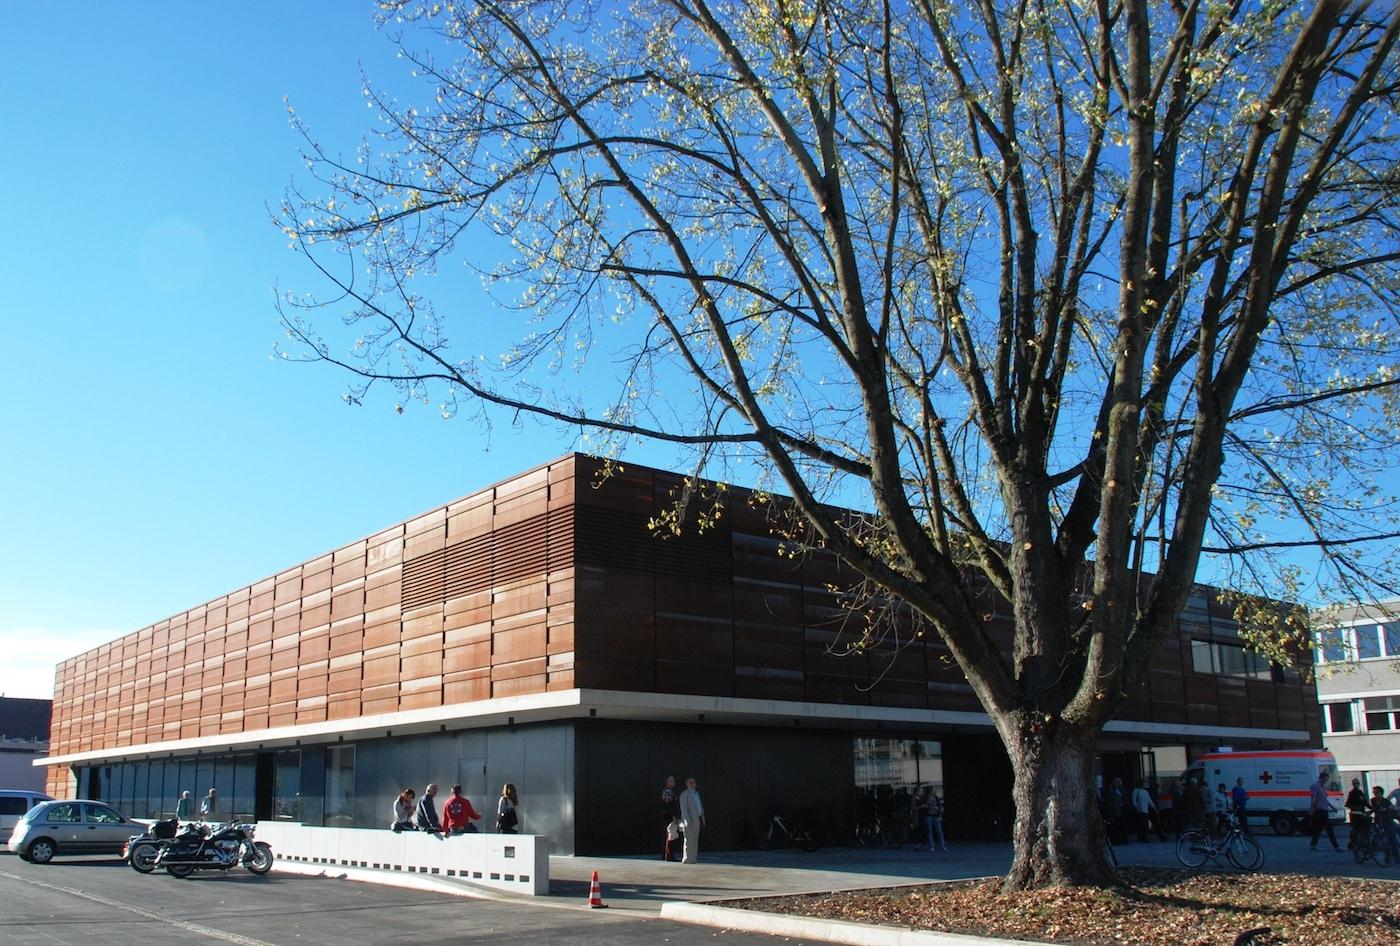 Mehrzweckhalle Weißenhorn